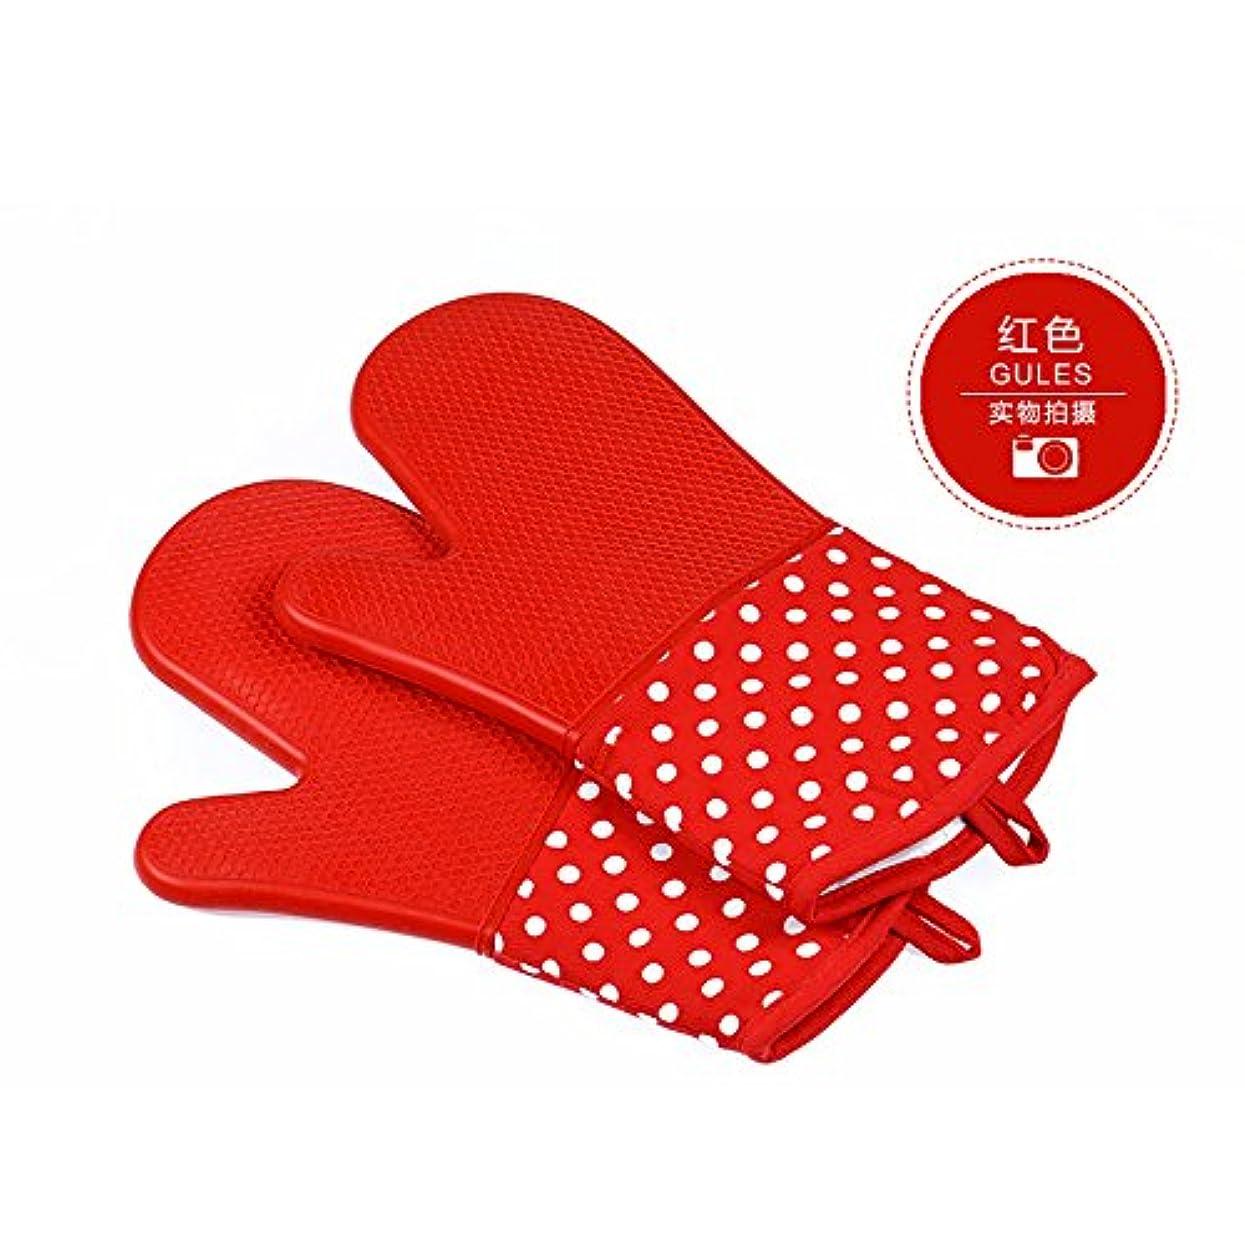 尊敬するバーマドペチュランスJOOP【2個セット】【シリコンベーキング手袋】【バーベキュー手袋】【キッチン電子レンジの手袋】【オーブン断熱手袋】【300の加熱温度極値】【7色】 (レッド)